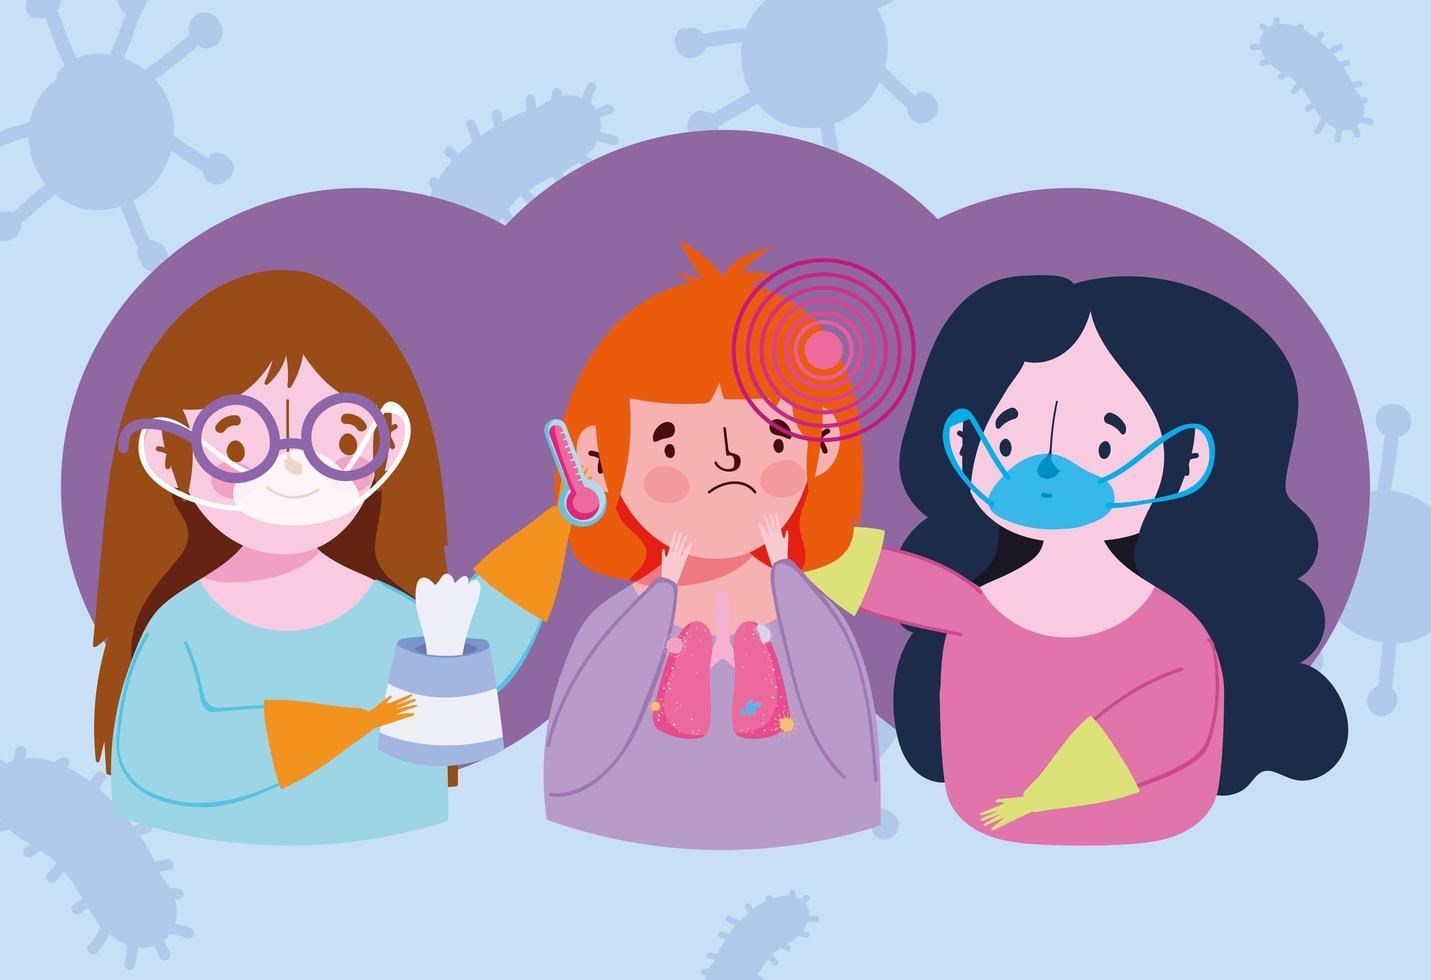 unga kvinnor som tar hand om en sjuk flicka vektor